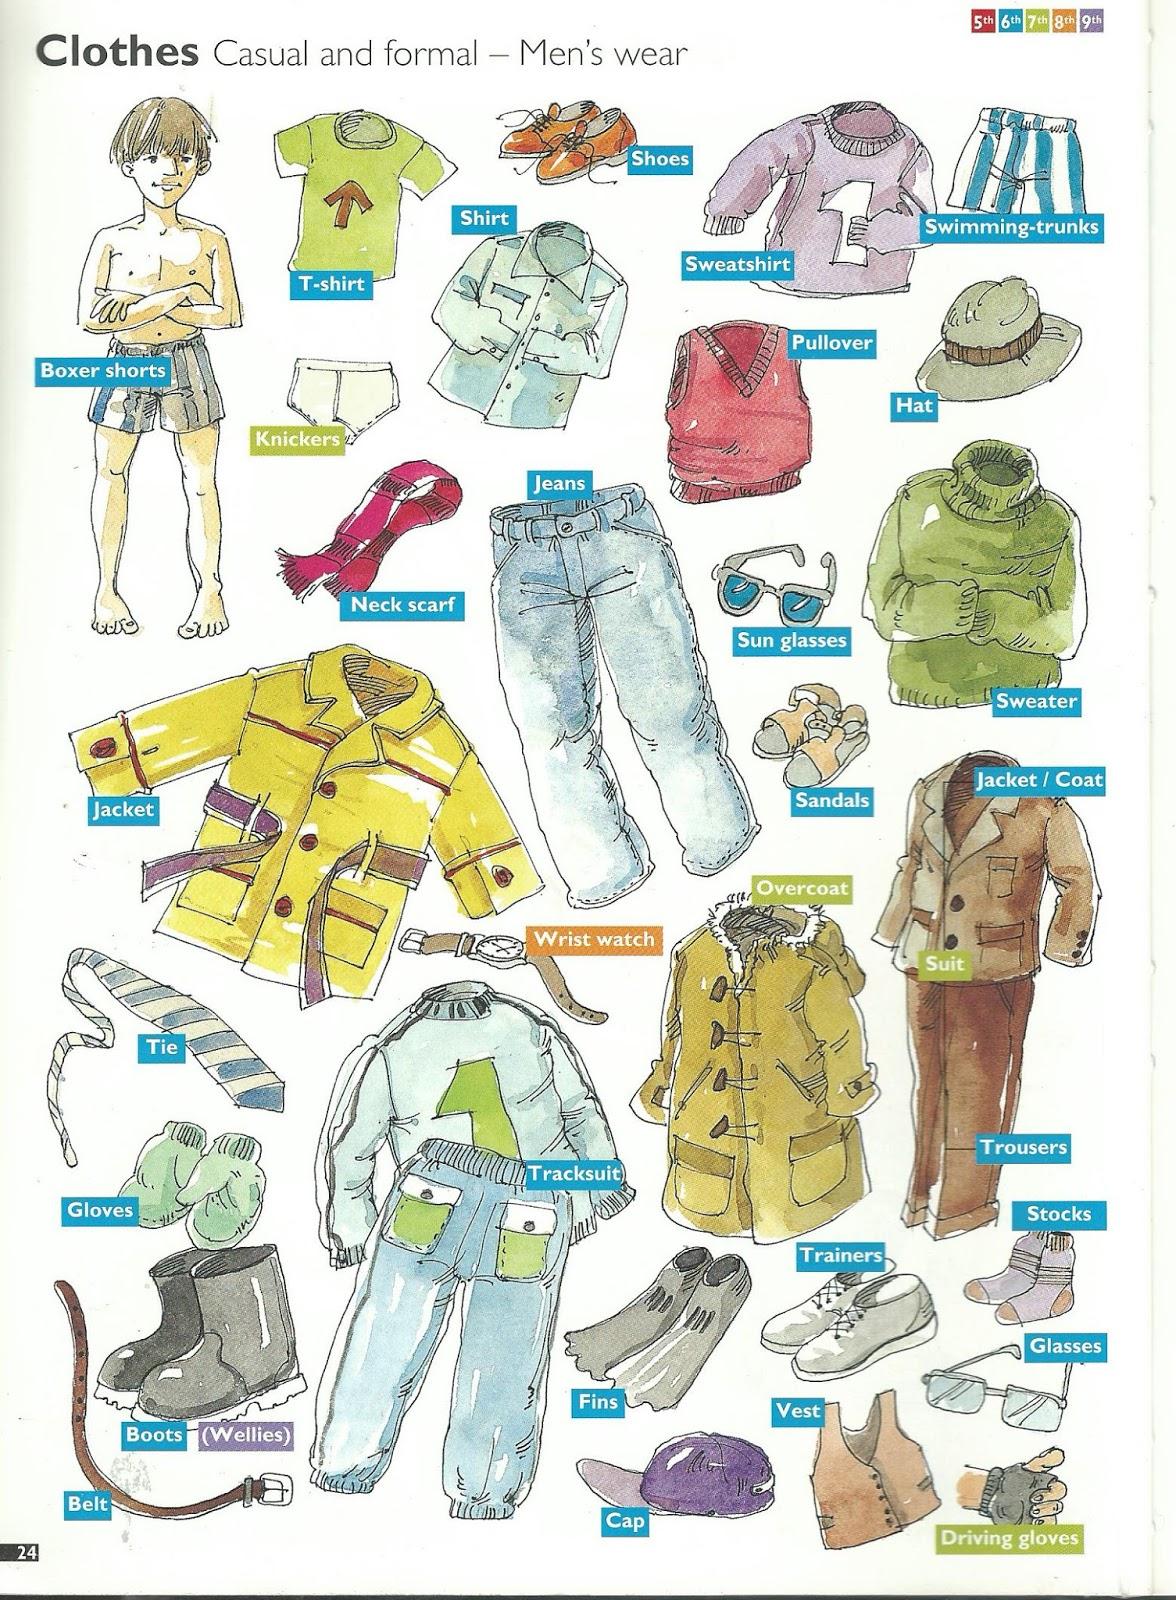 fb8c90a7fd 13 - VESTUÁRIO FORMAL E INFORMAL  roupa e acessórios para homem - CLOTHES   casual and formal men s wear